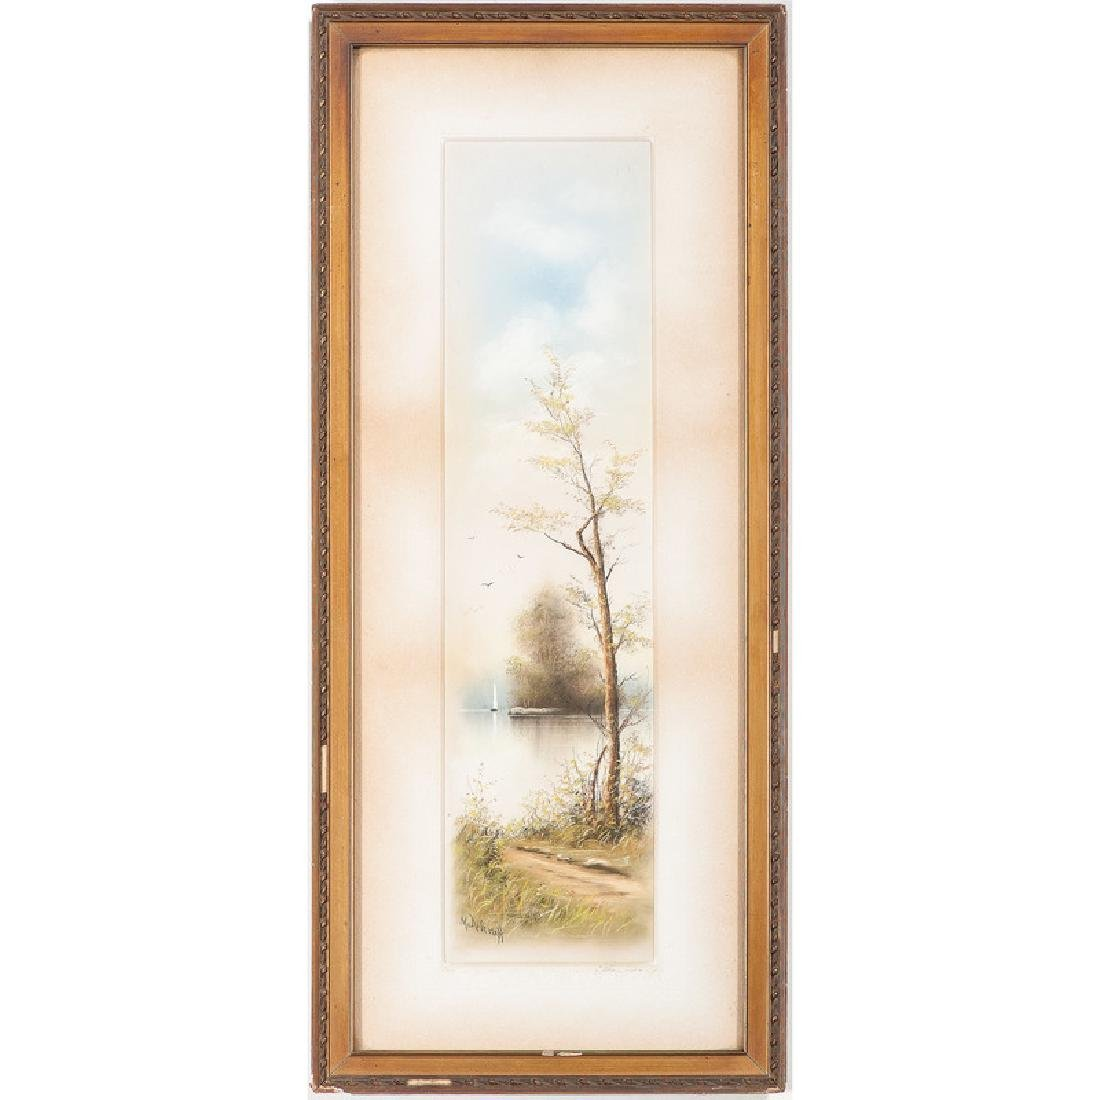 Pastel Landscapes by M. De Graff - 2